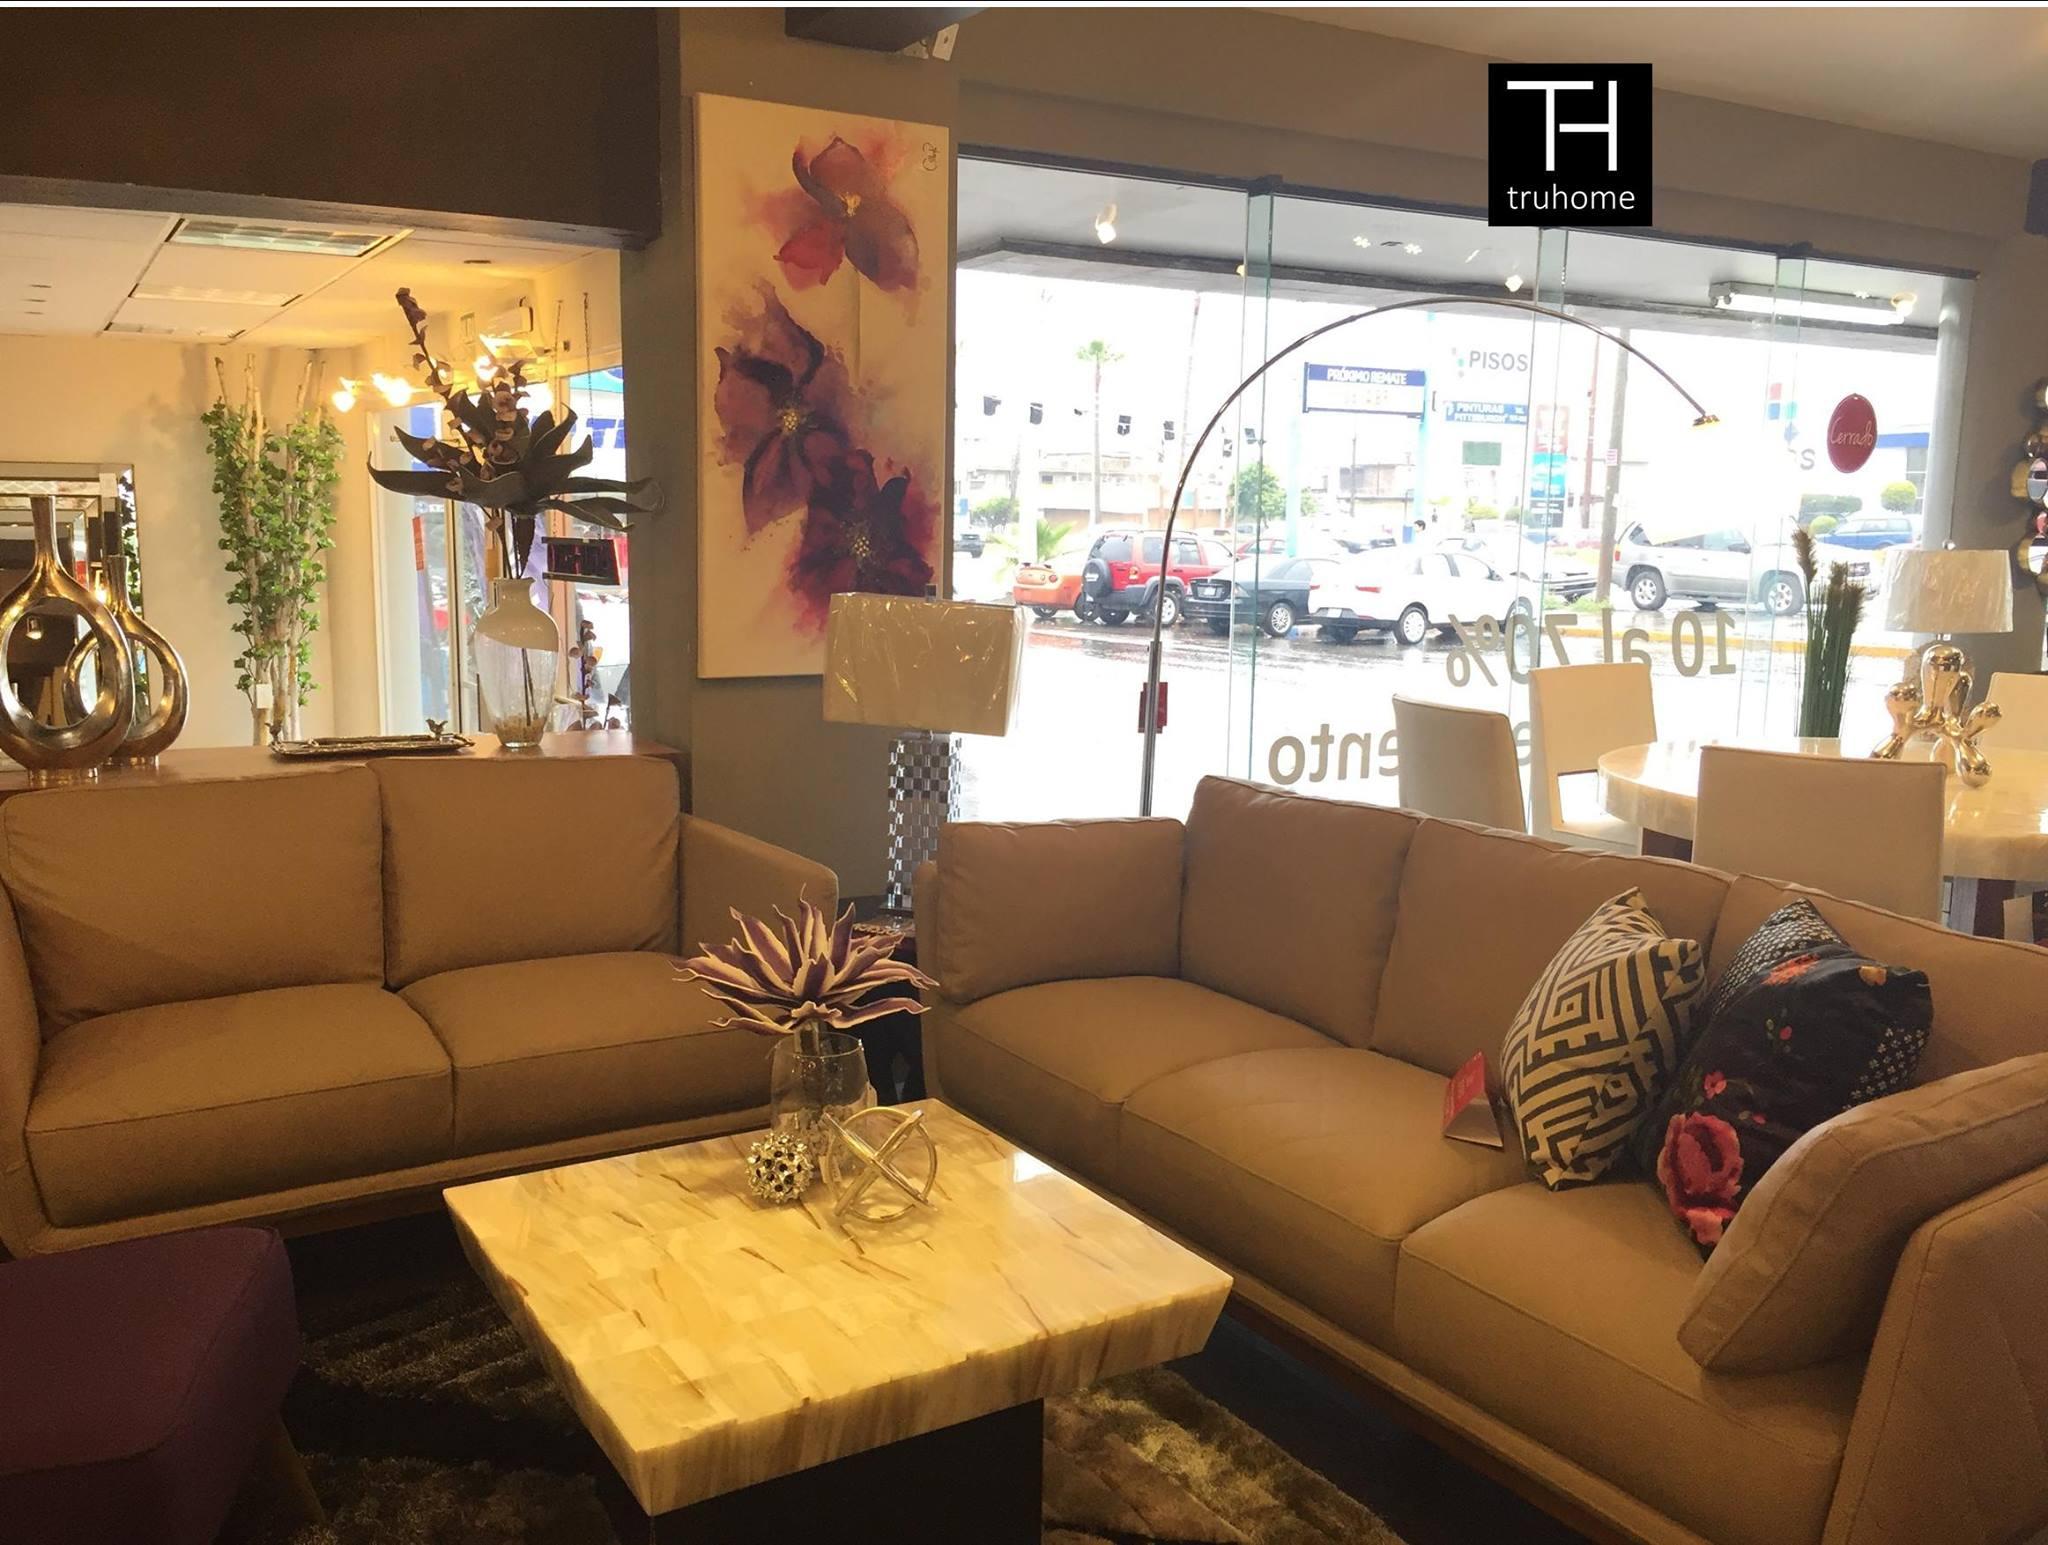 Tendencias en decoracion con cuadros al oleo 16 - Decoracion de interiores con cuadros ...